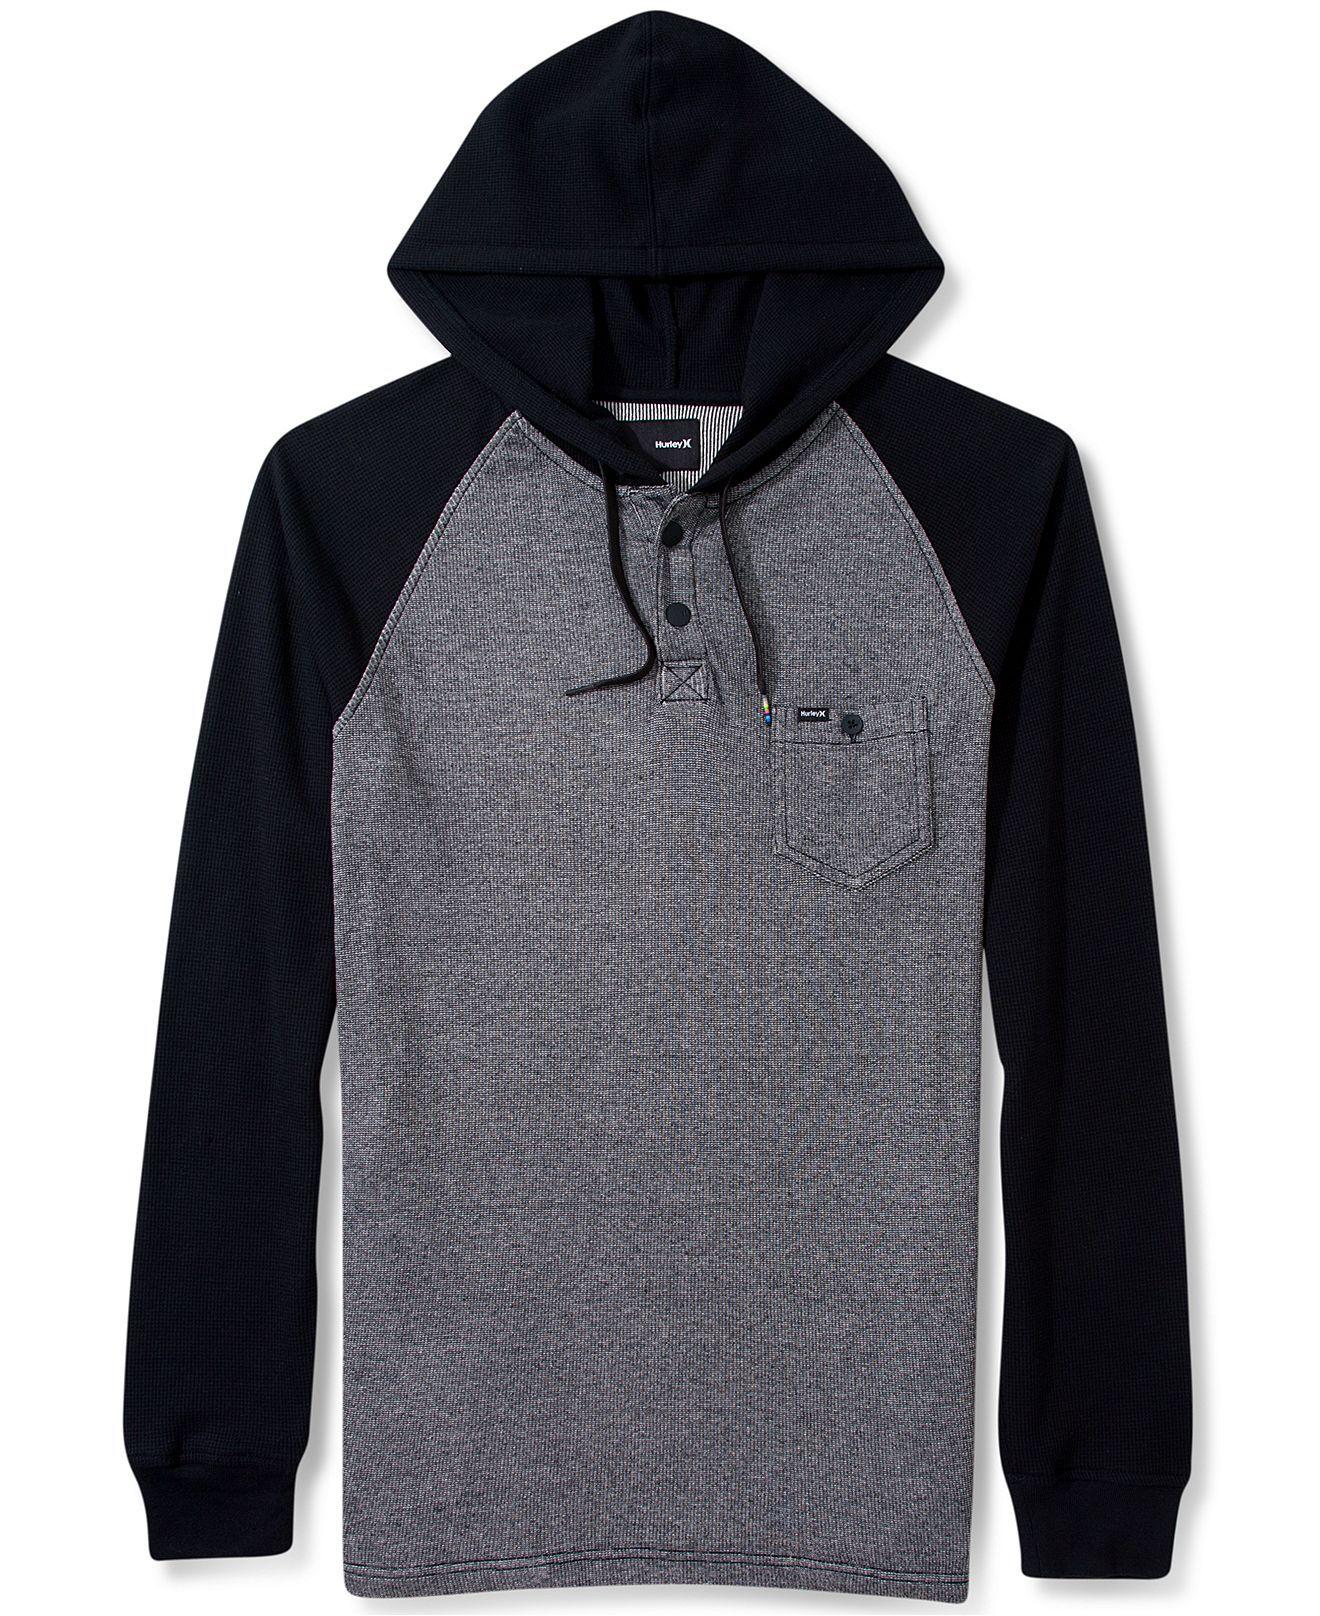 Hurley Hoodie Collab Pullover Thermal Hoodie T Shirts Men Macy S 49 50 Hurley Hoodie Thermal Hoodie Hoodies [ 1616 x 1320 Pixel ]